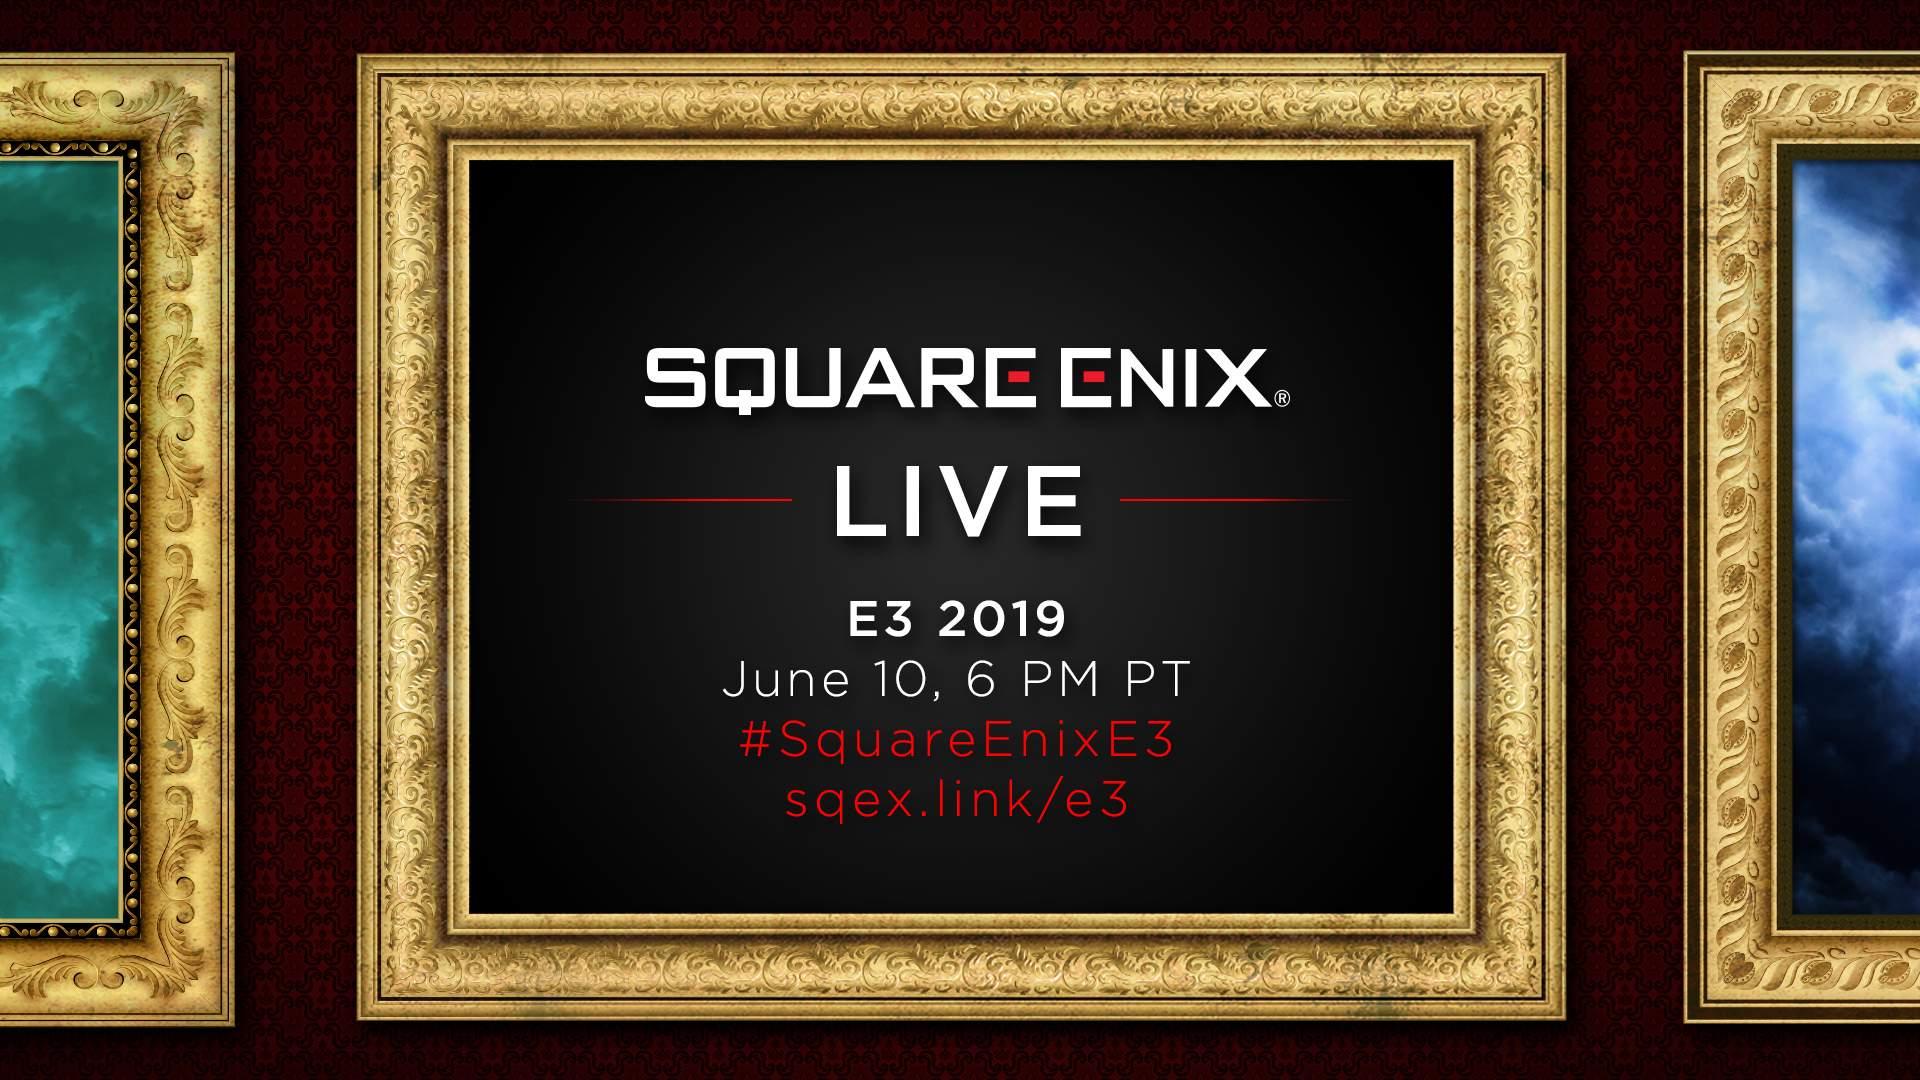 SQEX_LIVE_E3_2019_169.jpg?quality=65